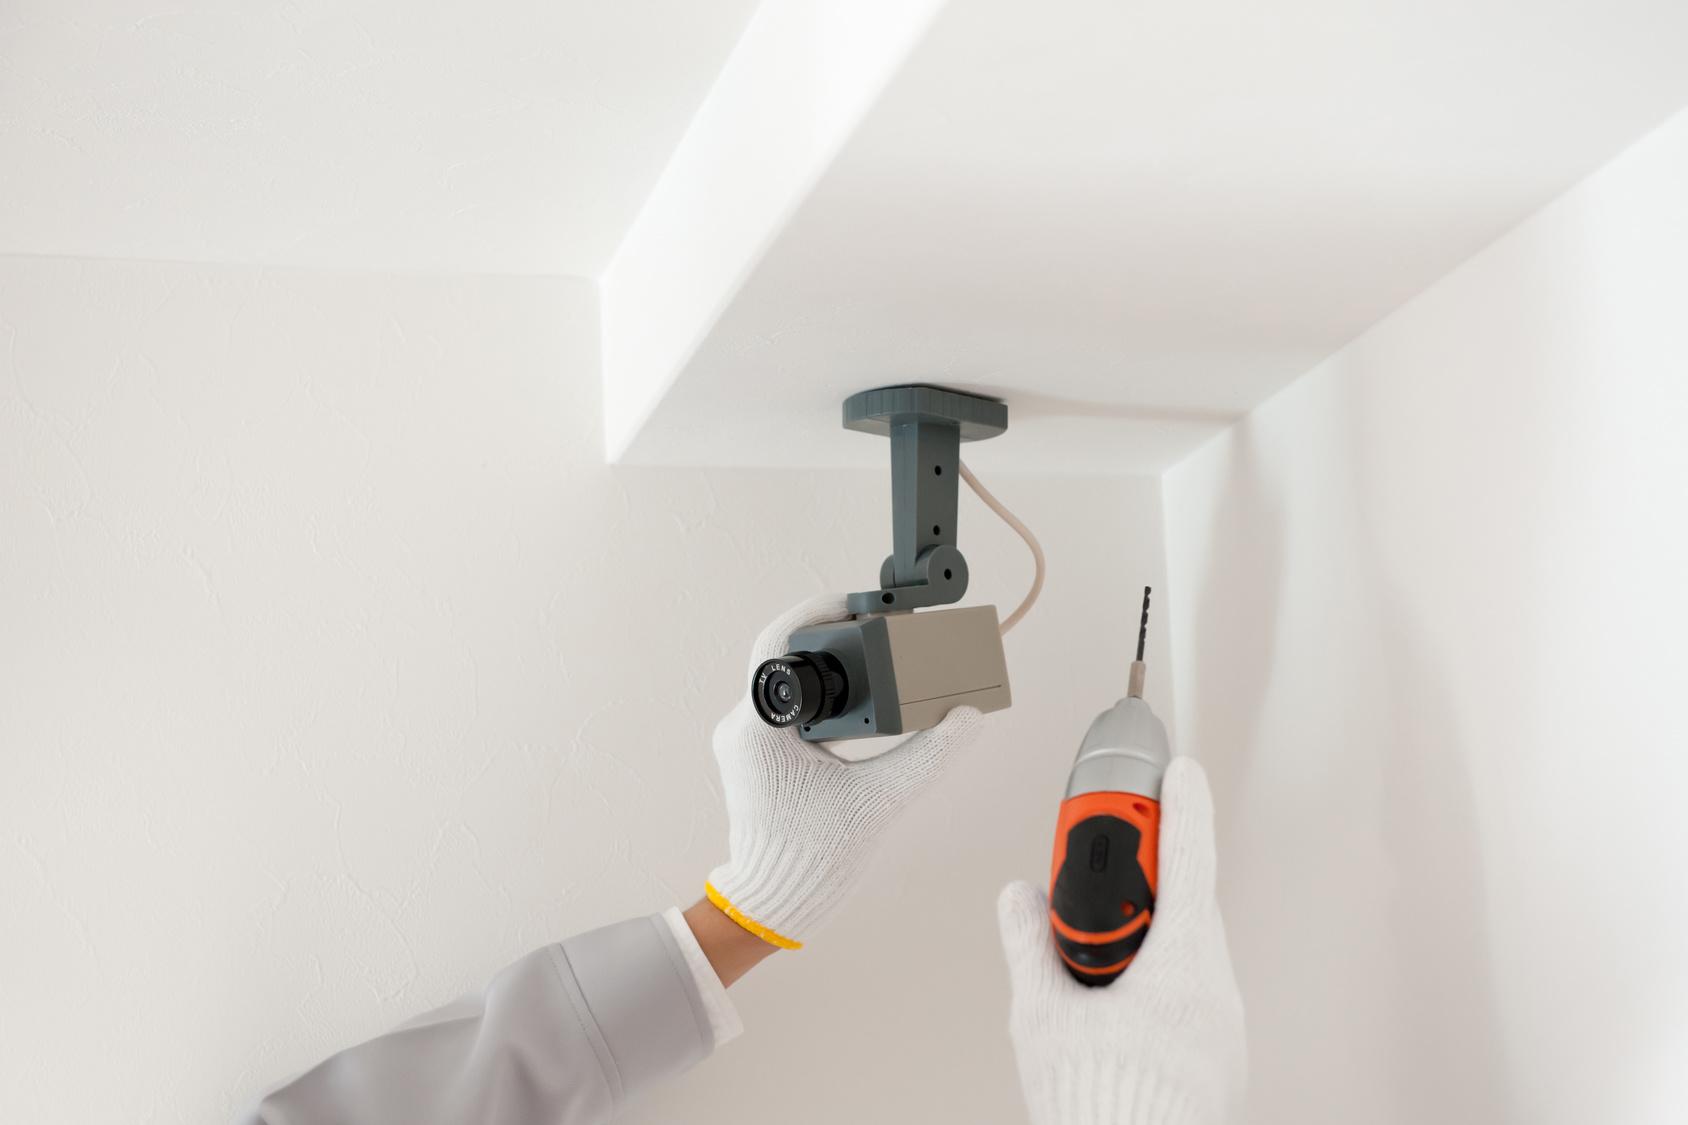 防犯カメラは一家に一台設置する時代|家庭に設置する時のポイント